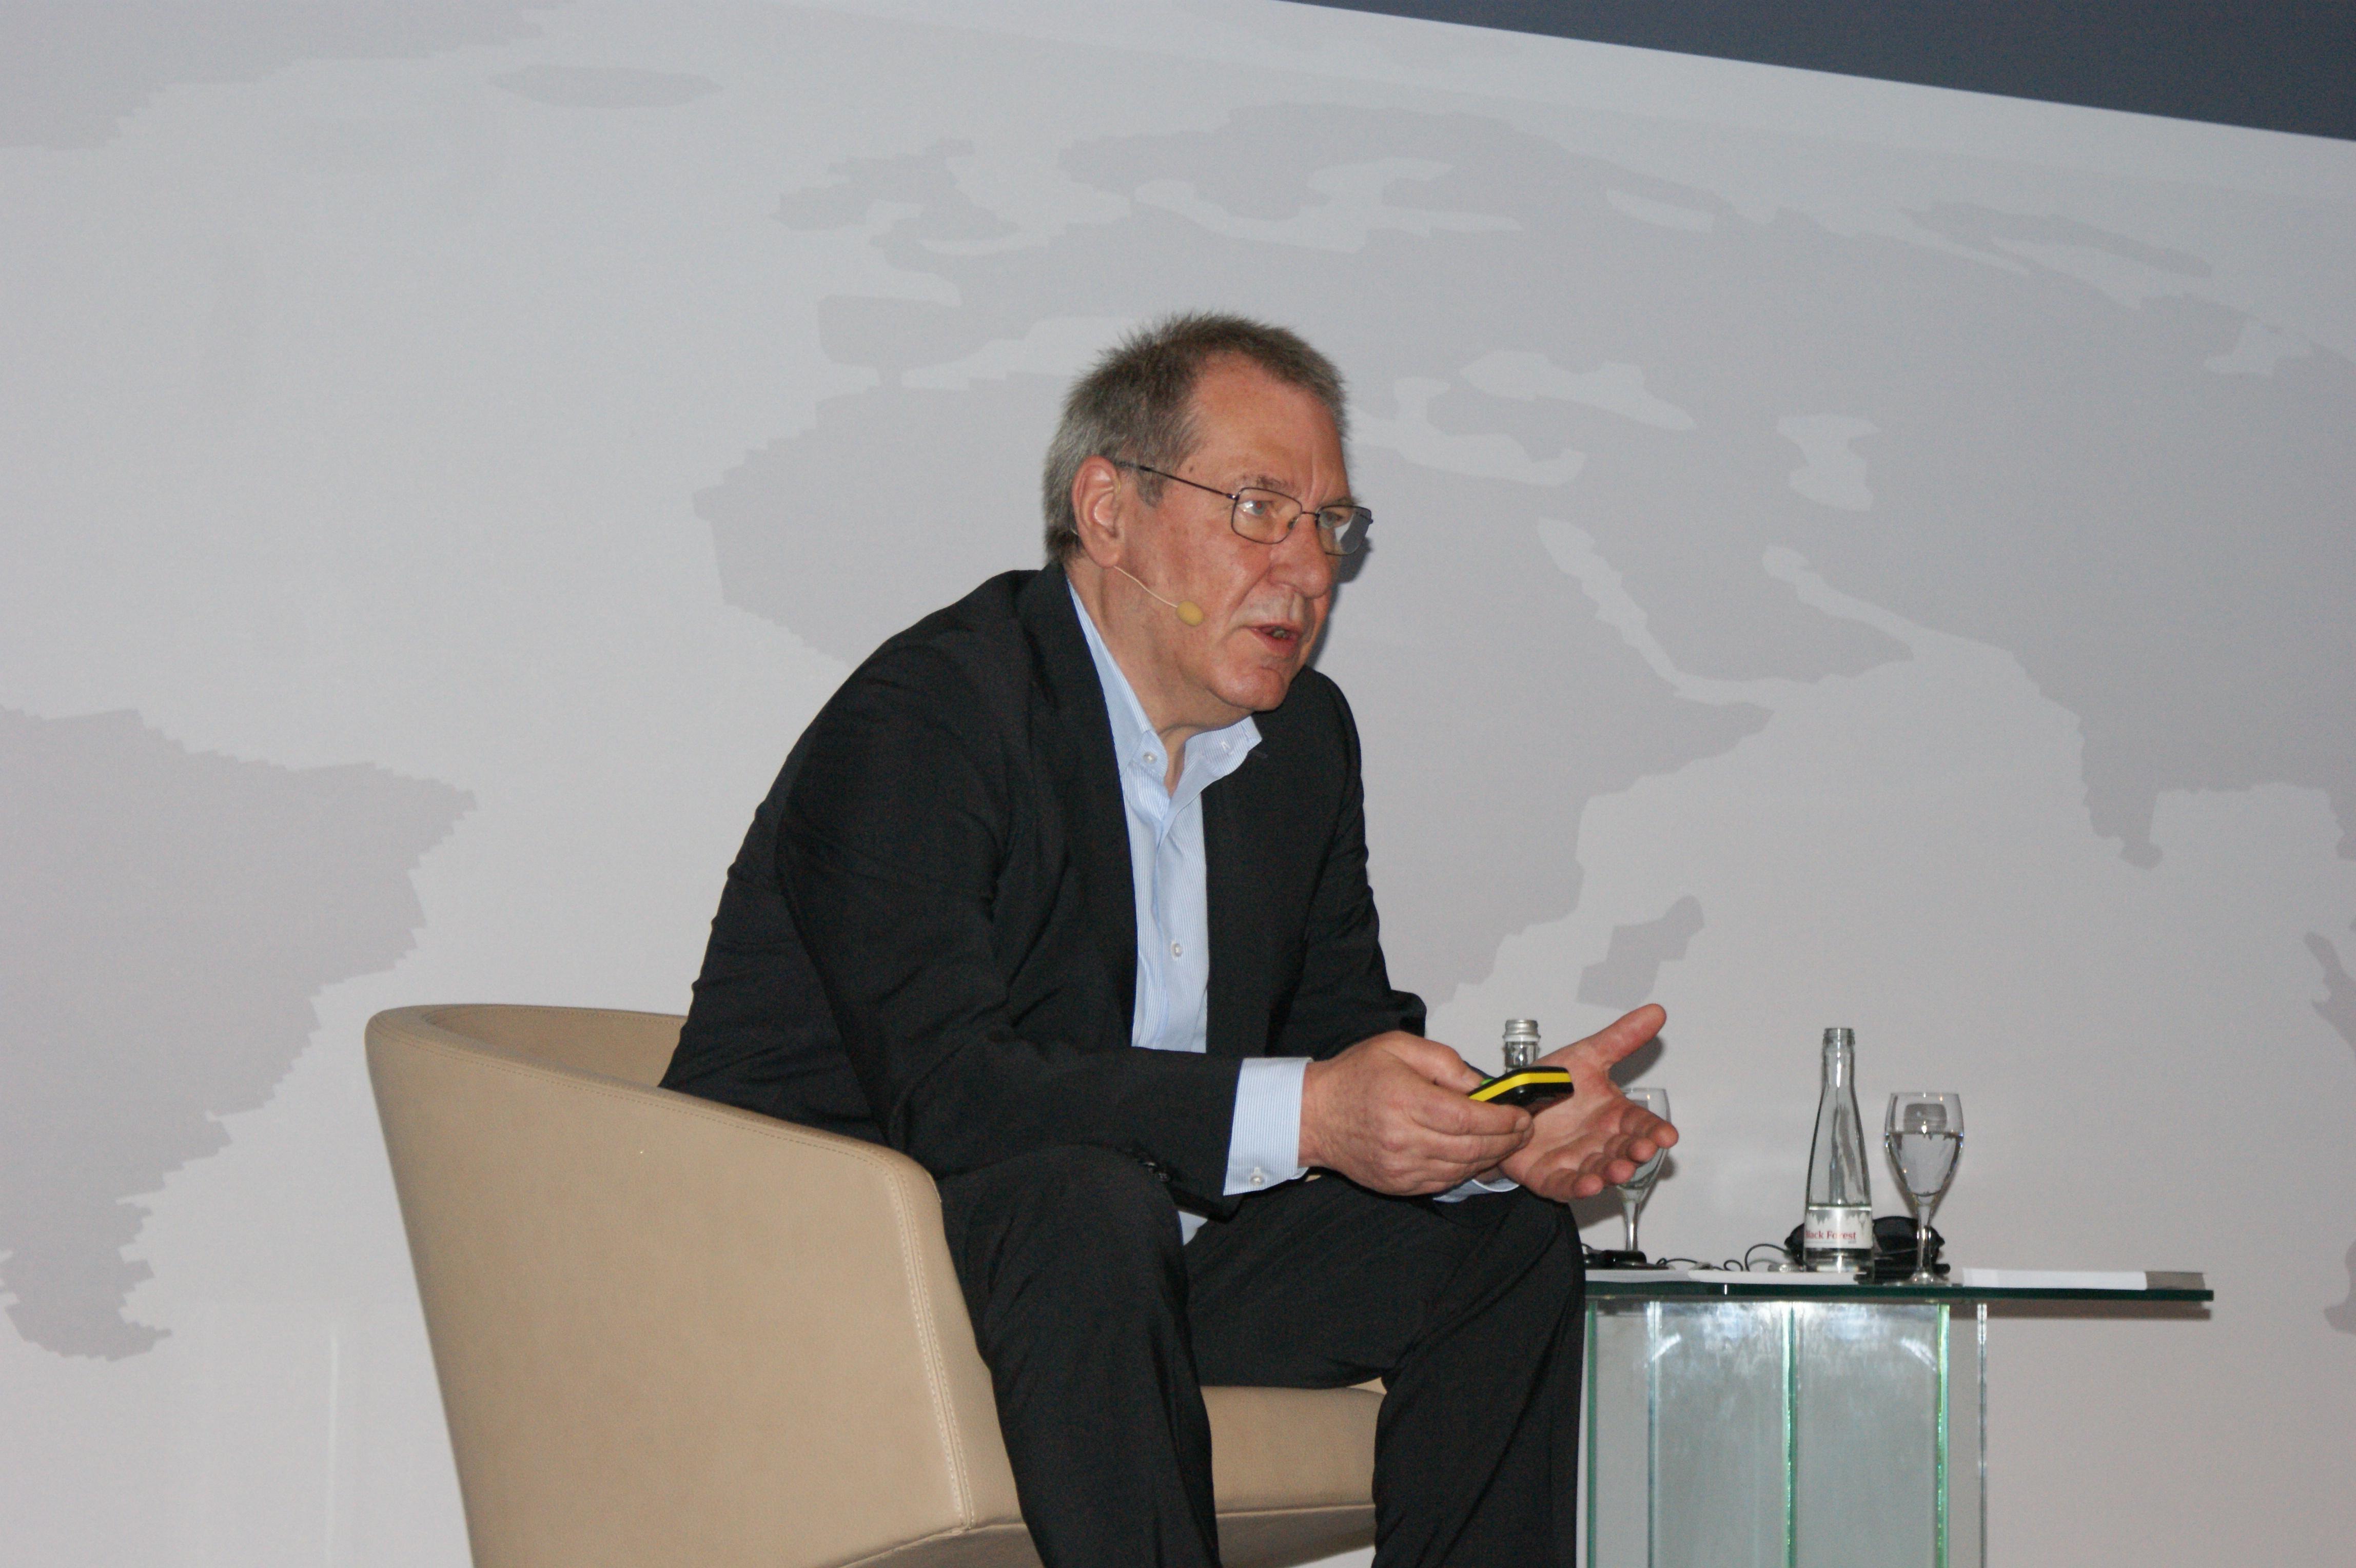 <p>Vögele-bestuurder Bernhard Düser ziet het als de toekomst om medewerkers van klanten van Vögele op te leiden tot vakmensen. Daarvoor zette Vögele het CTT op.</p>